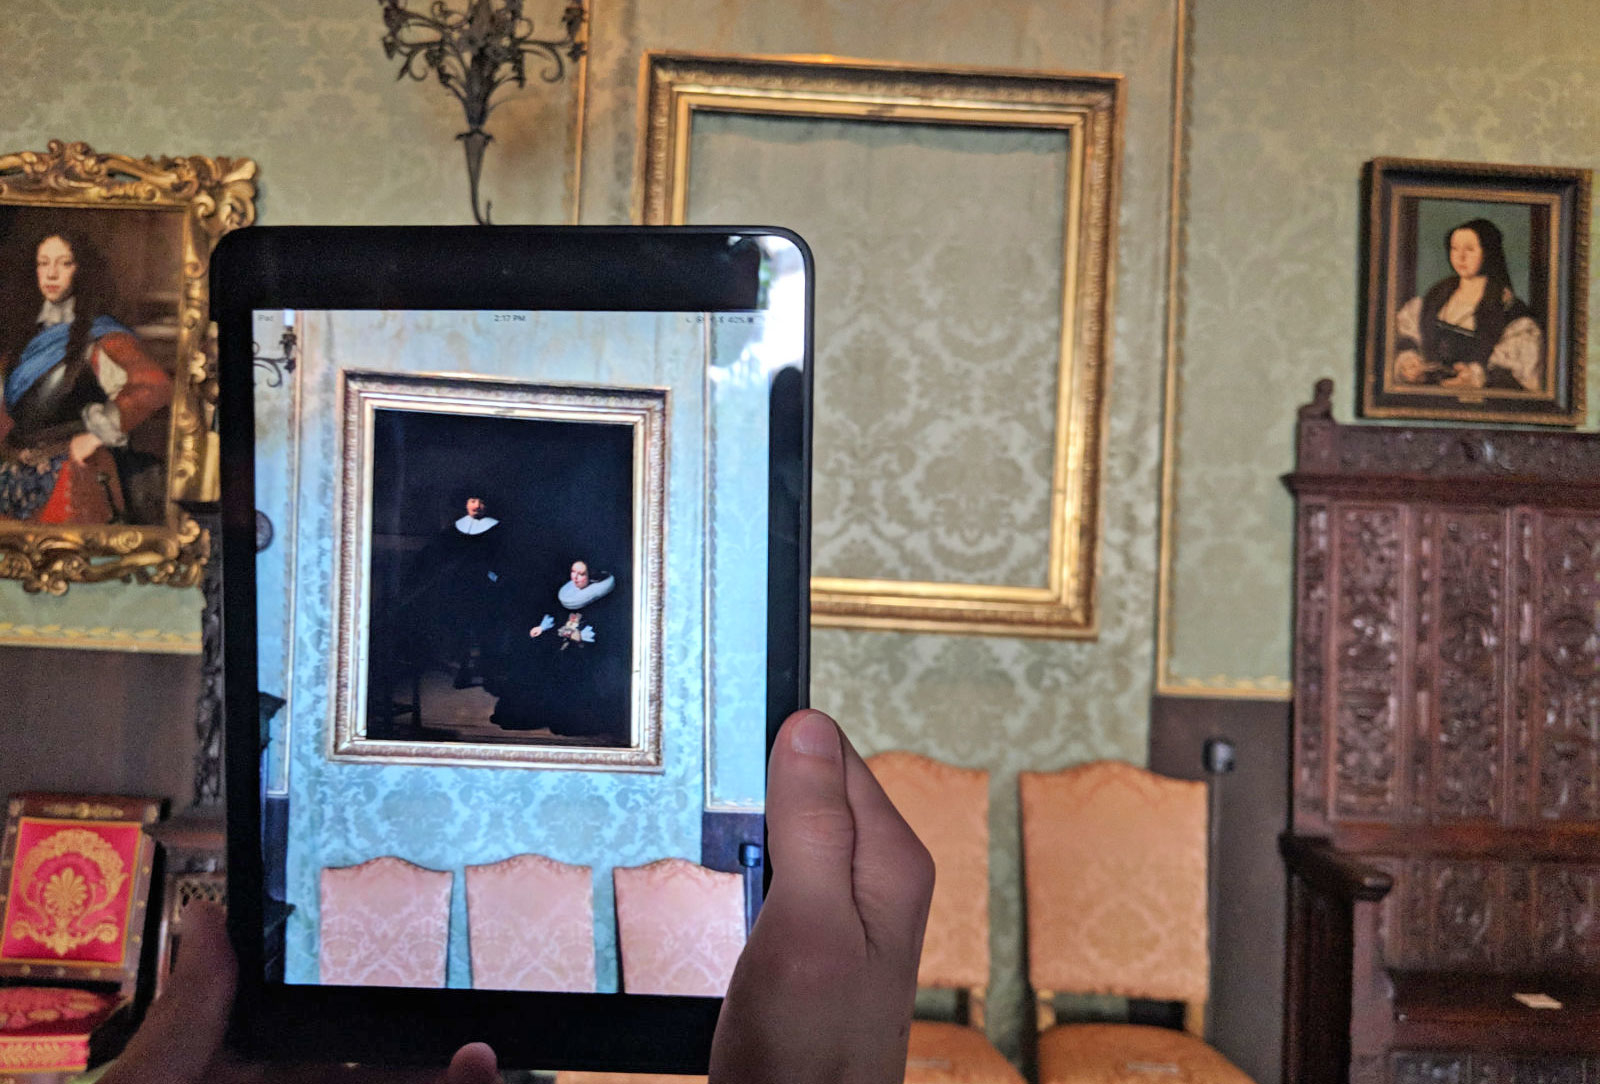 Американский музей вернул украденного Рембрандта в дополненной реальности